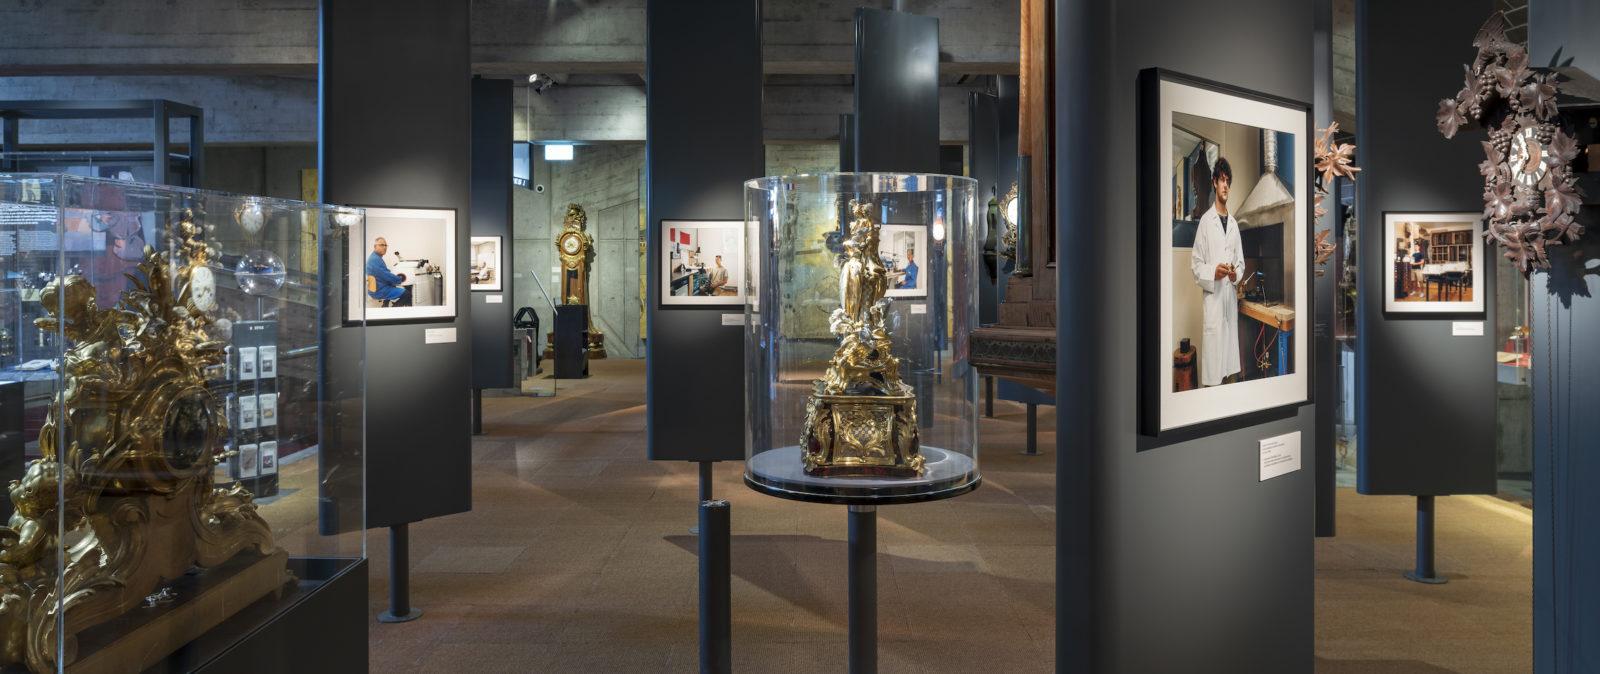 La Chaux-de-Fonds Vue de l'exposition Transmissions. L'immatériel photographié.